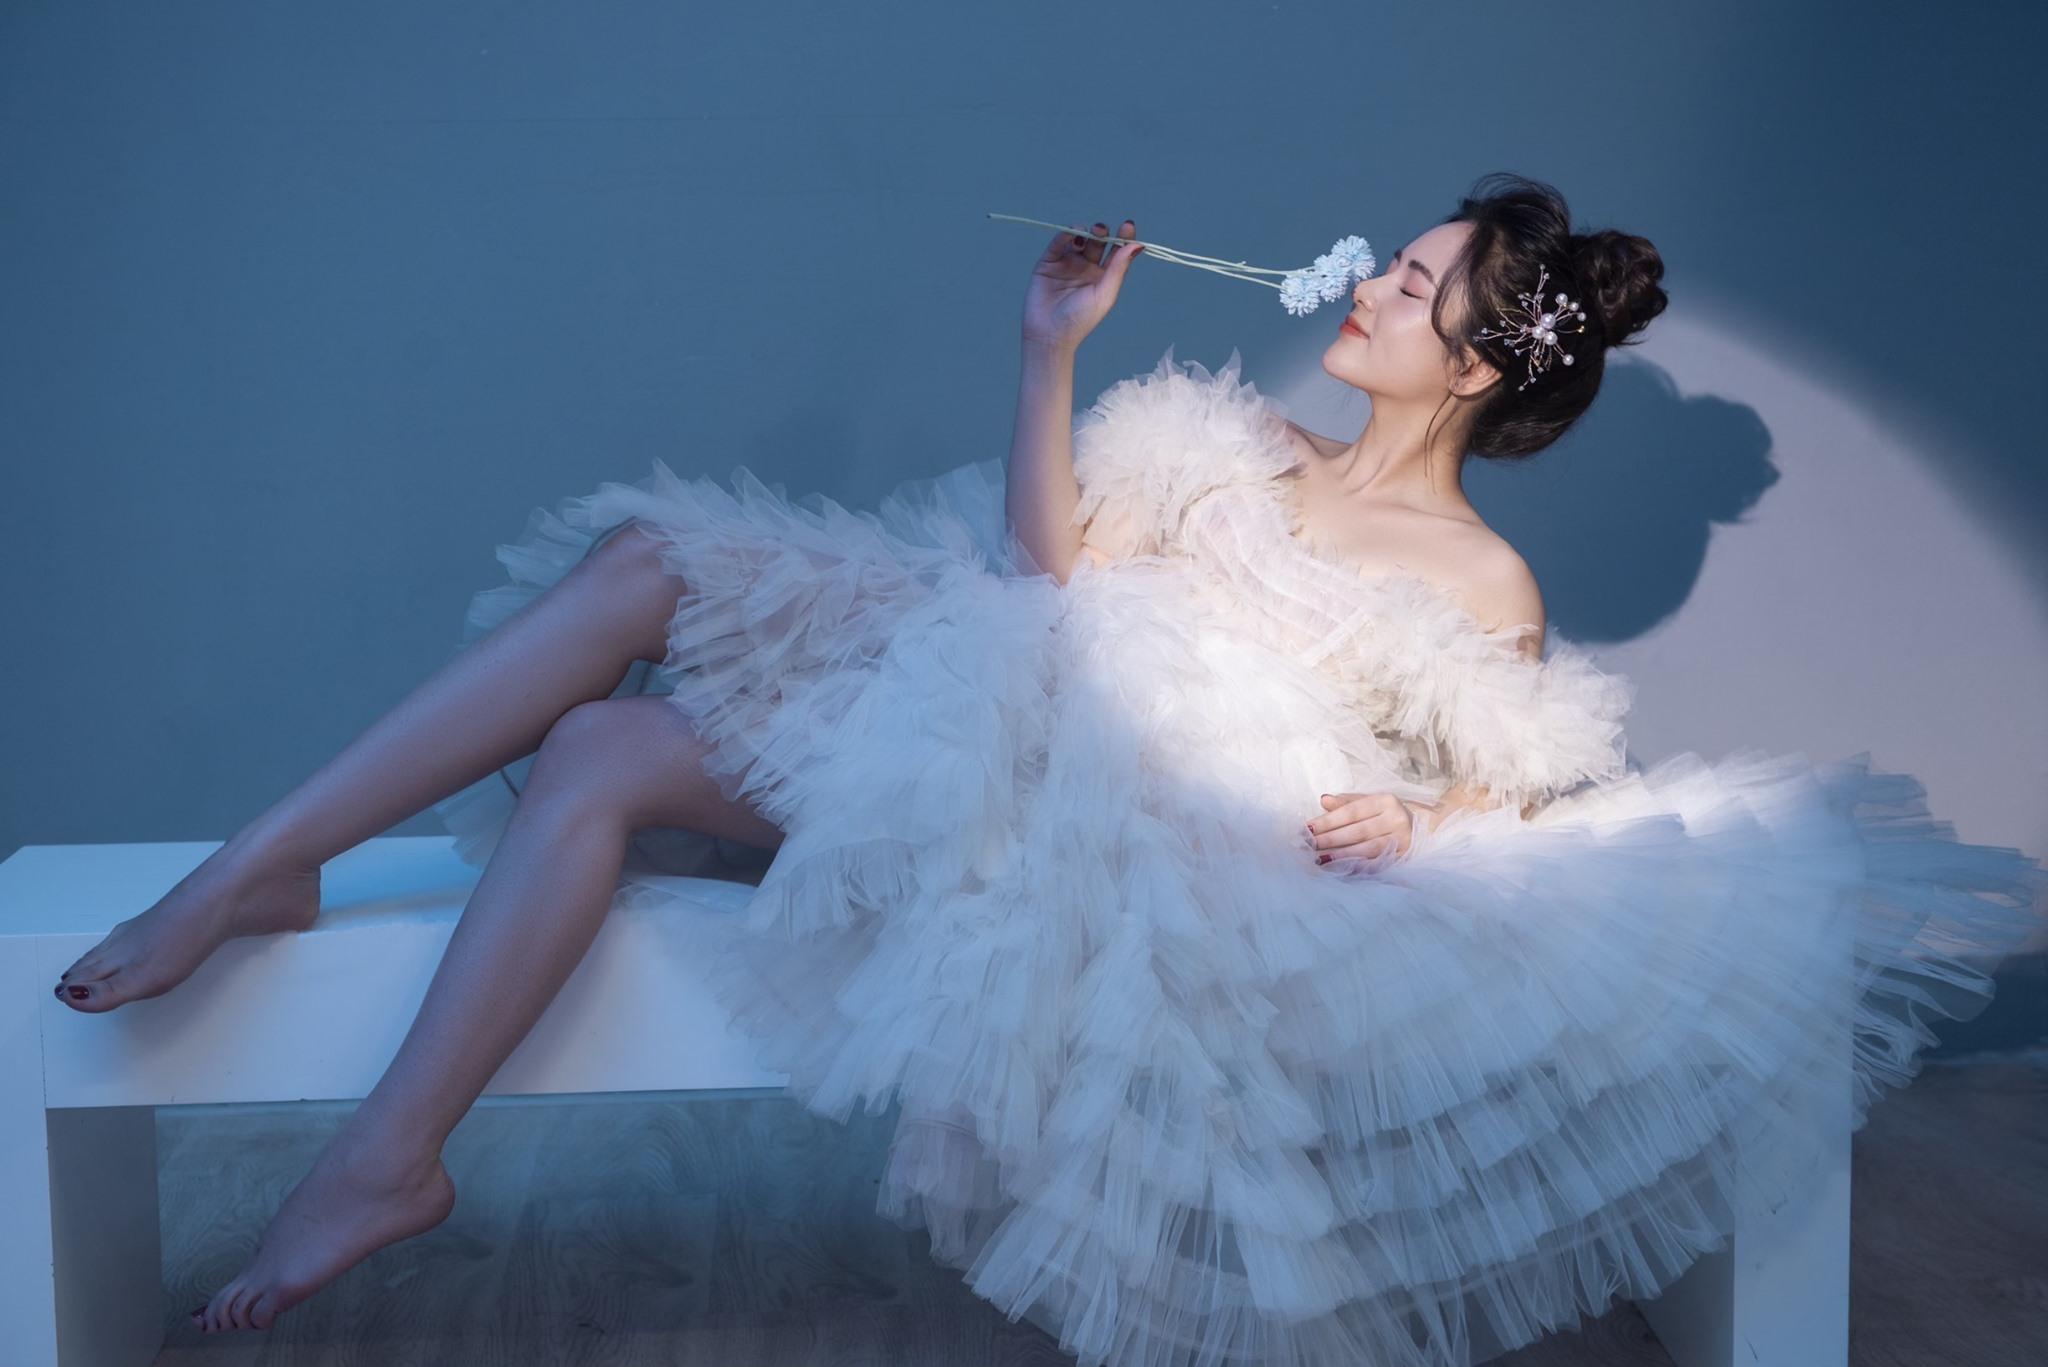 Nhan sắc con dâu trên phim bị NSND Hoàng Dũng mắng vì hỗn